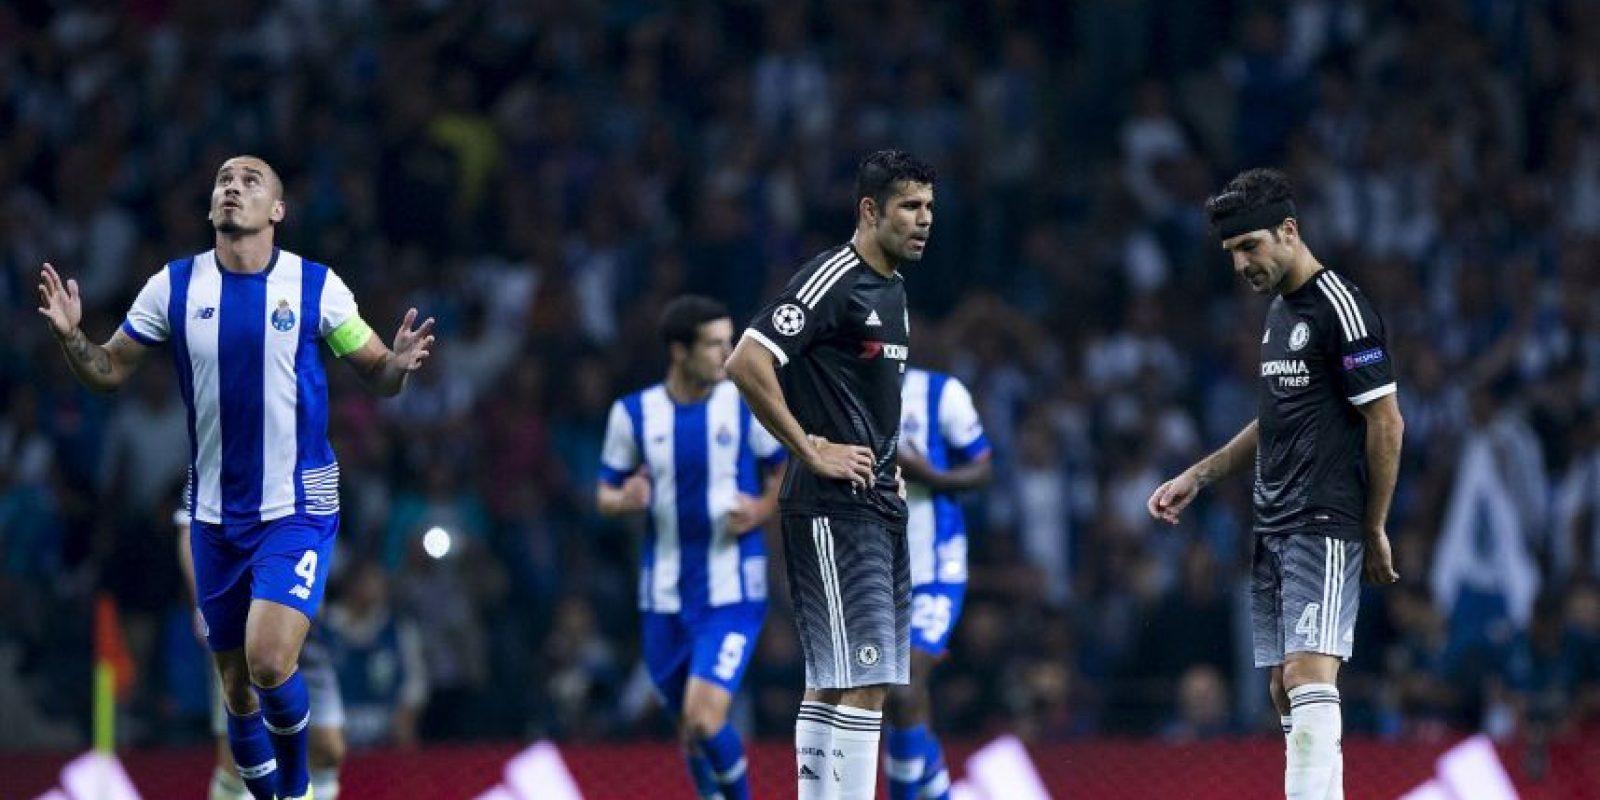 Chelsea es líder del grupo G con 10 puntos (empatado con el Porto), pero si pierde y Dynamo de Kiev vence al Maccabi Tel-Aviv, quedaría fuera de la siguiente fase. Foto:Getty Images